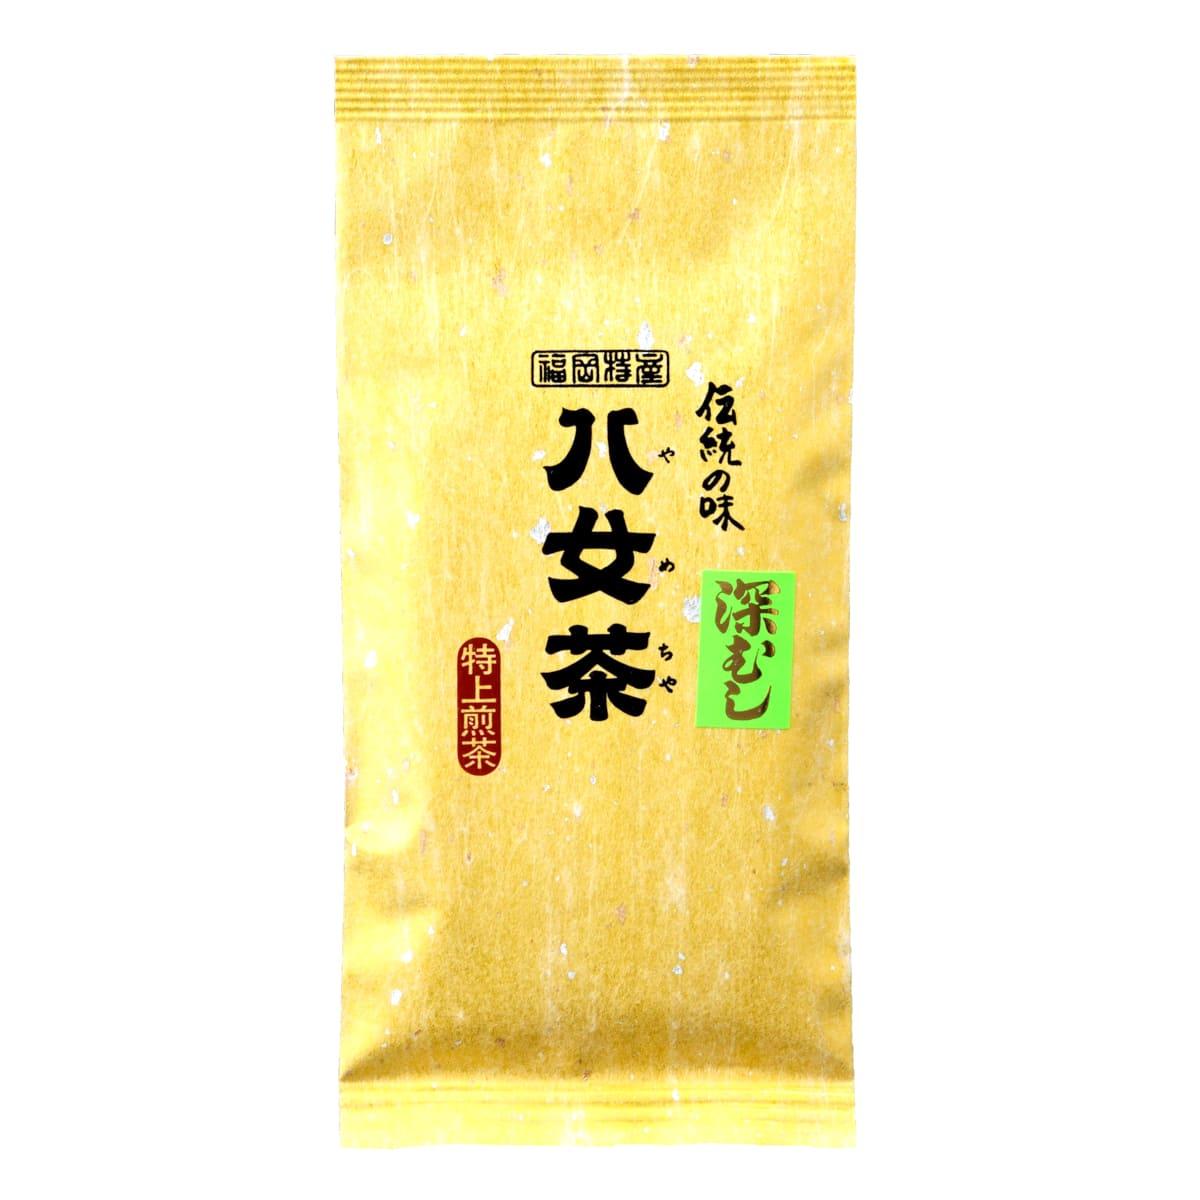 【フ】マイルド深むし・特上煎茶(袋)